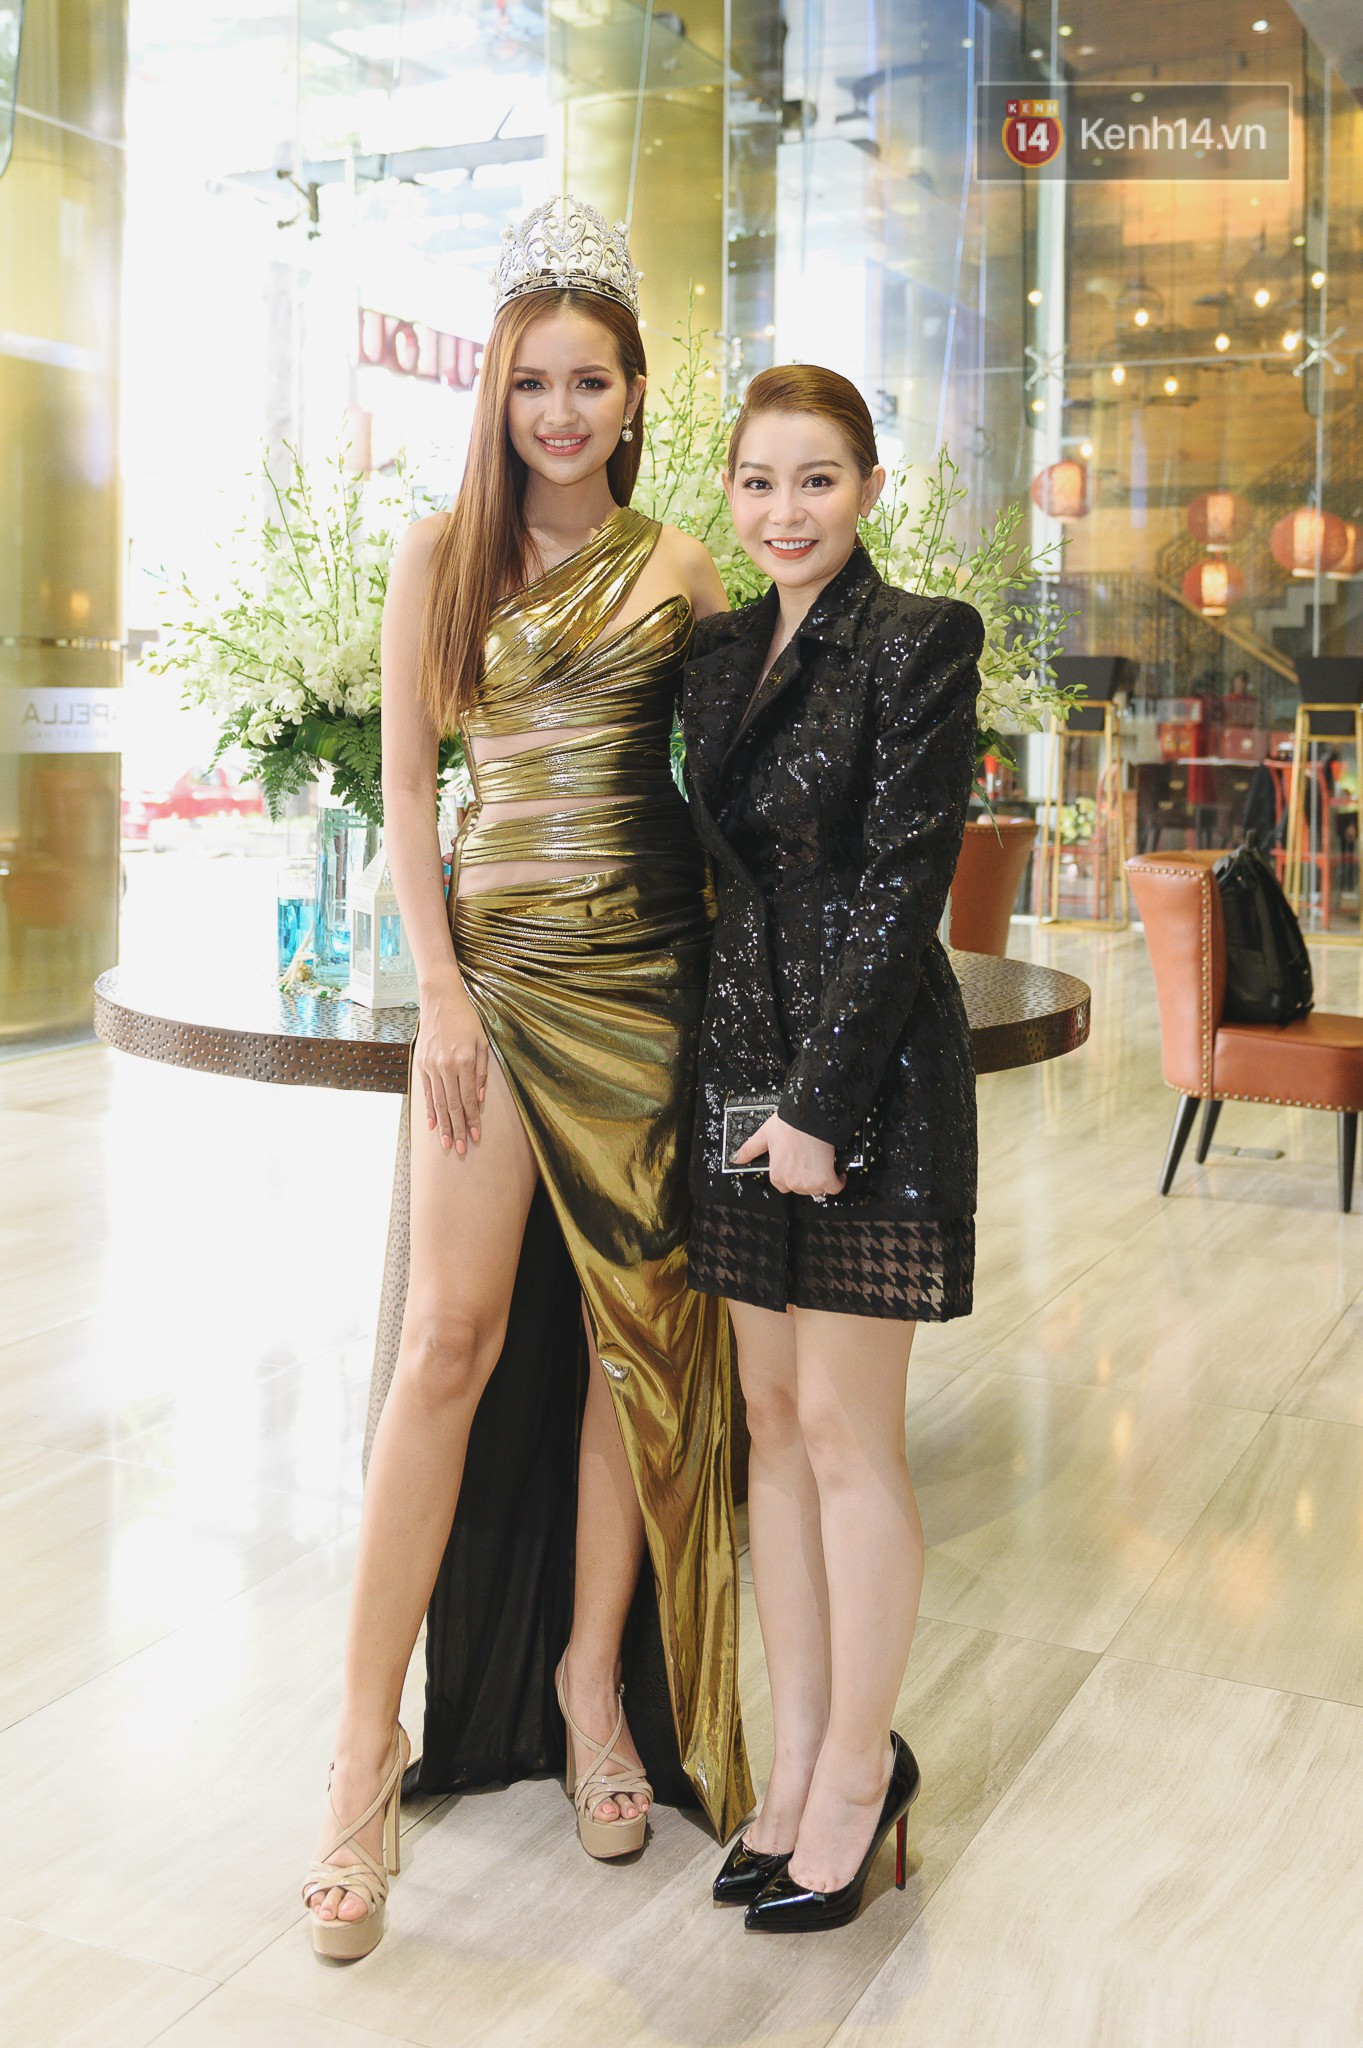 Tân Hoa hậu Siêu quốc gia 2018 phản ứng bất ngờ về loạt scandal của Minh Tú tại Miss Supranational 2018 - Ảnh 6.